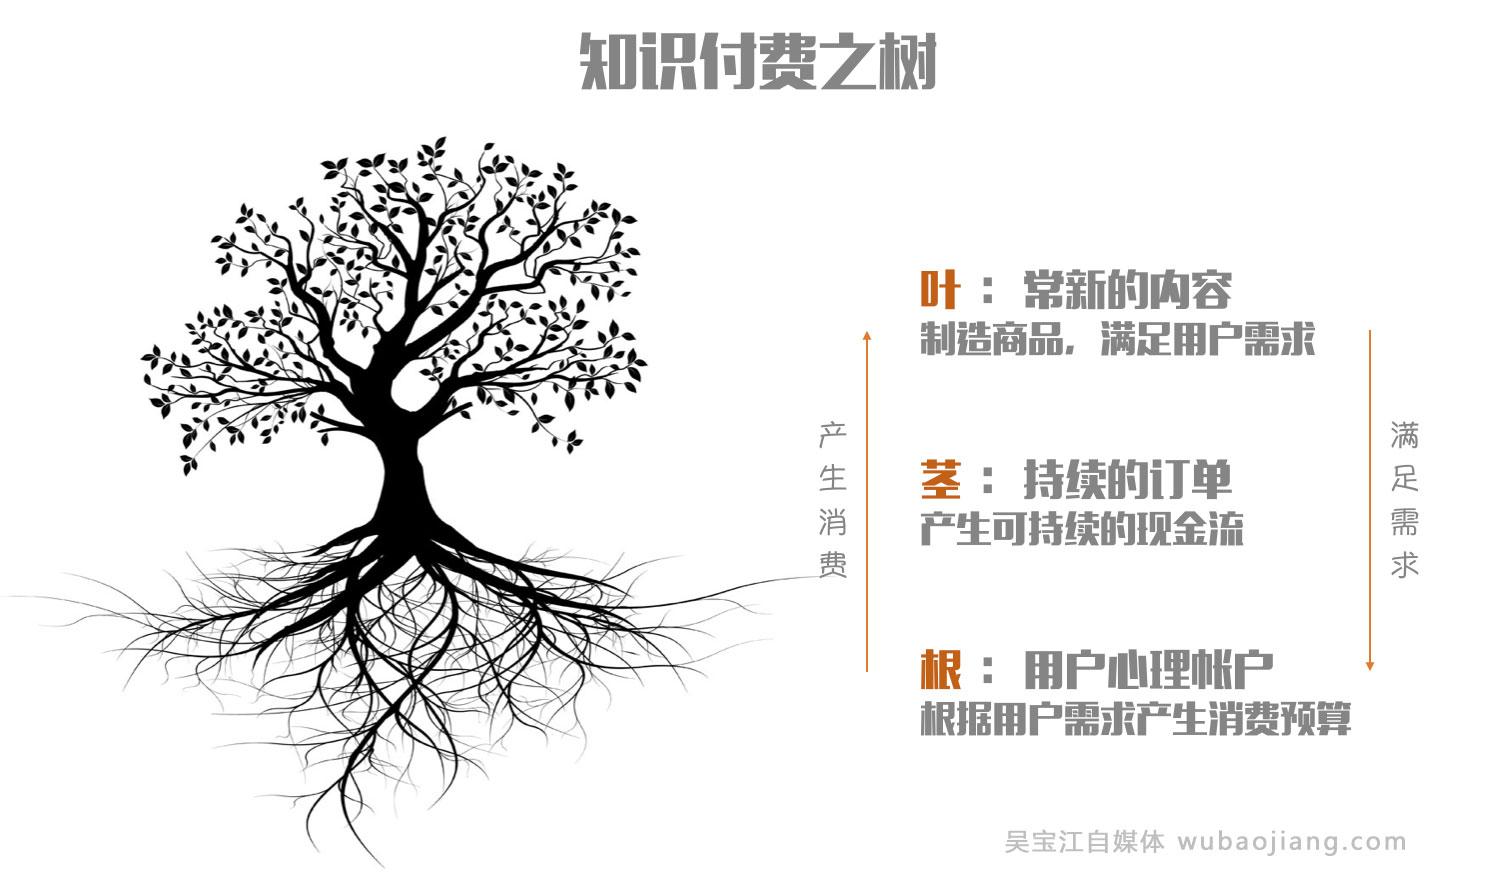 知识付费市场树状结构模式解读,制胜路线!